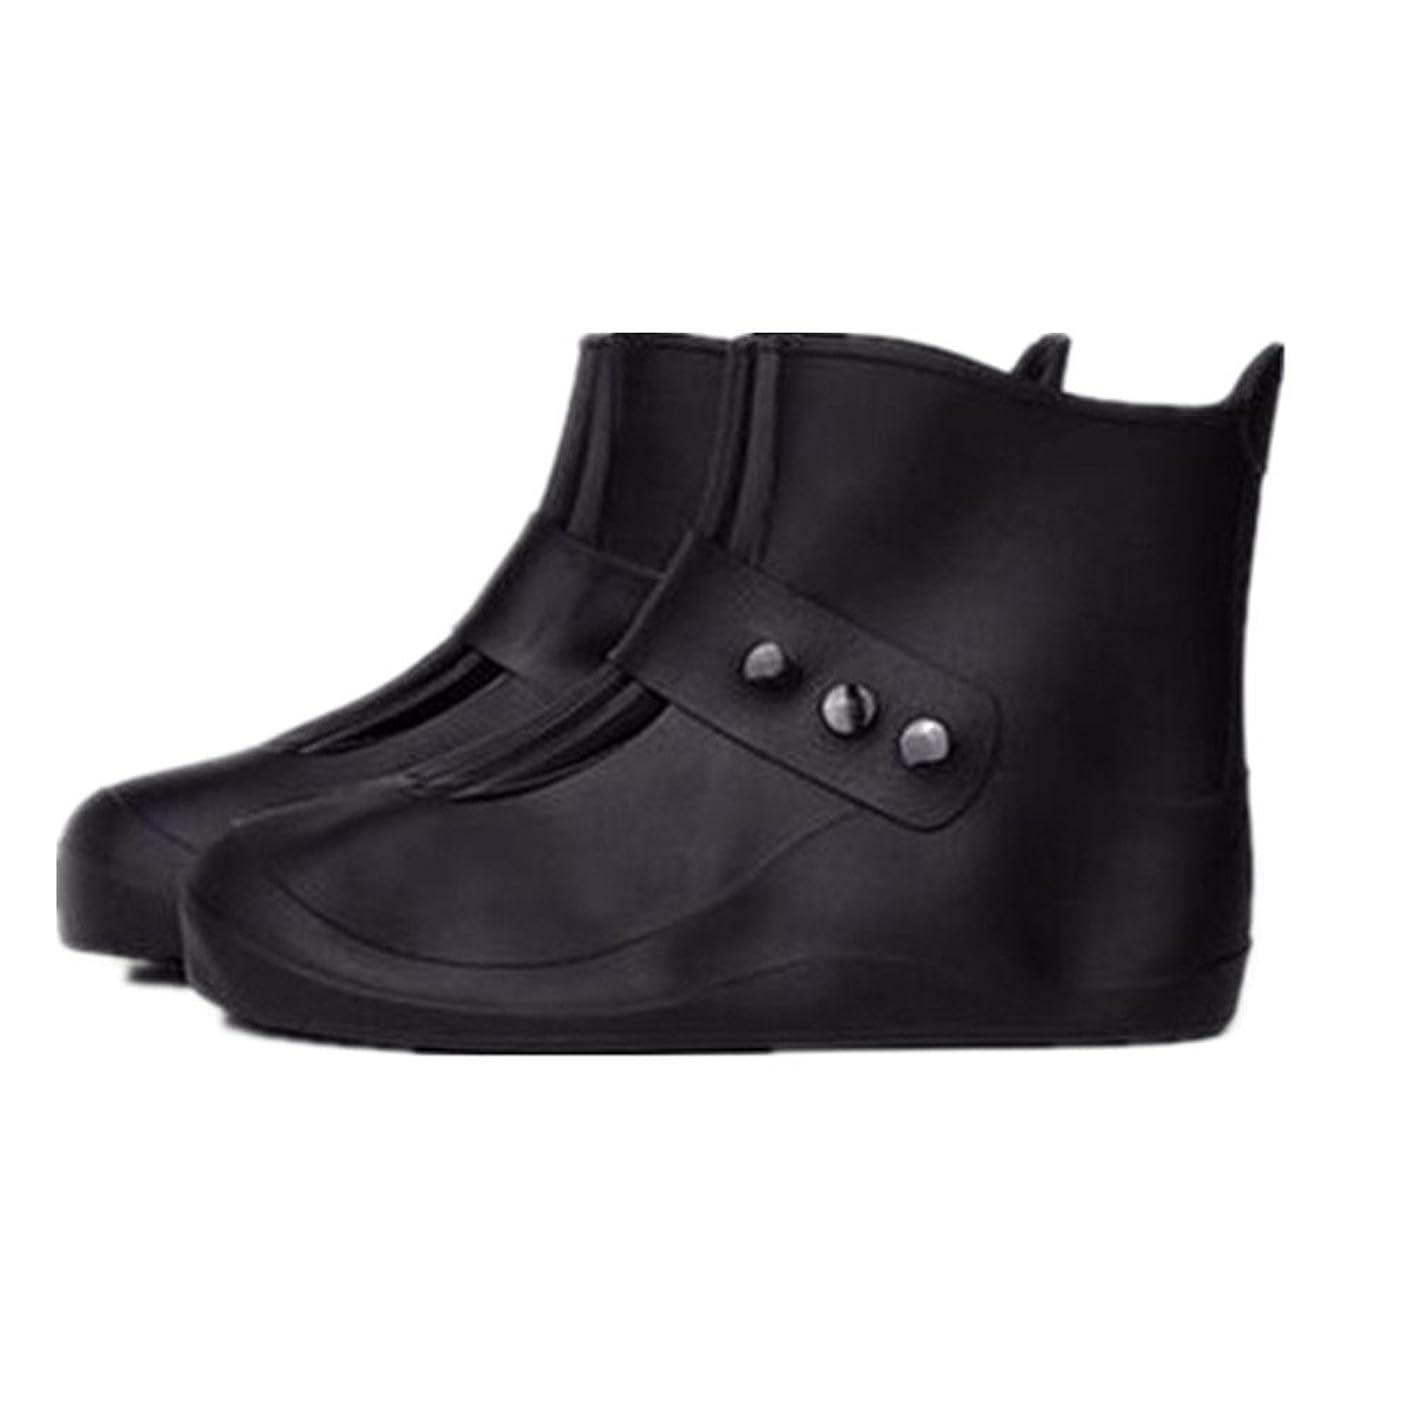 うねる相互接続消毒剤シューズカバー 防水 軽量 滑らない 靴 雨 雪 泥除け 梅雨対策 男女兼用 カップル 子供